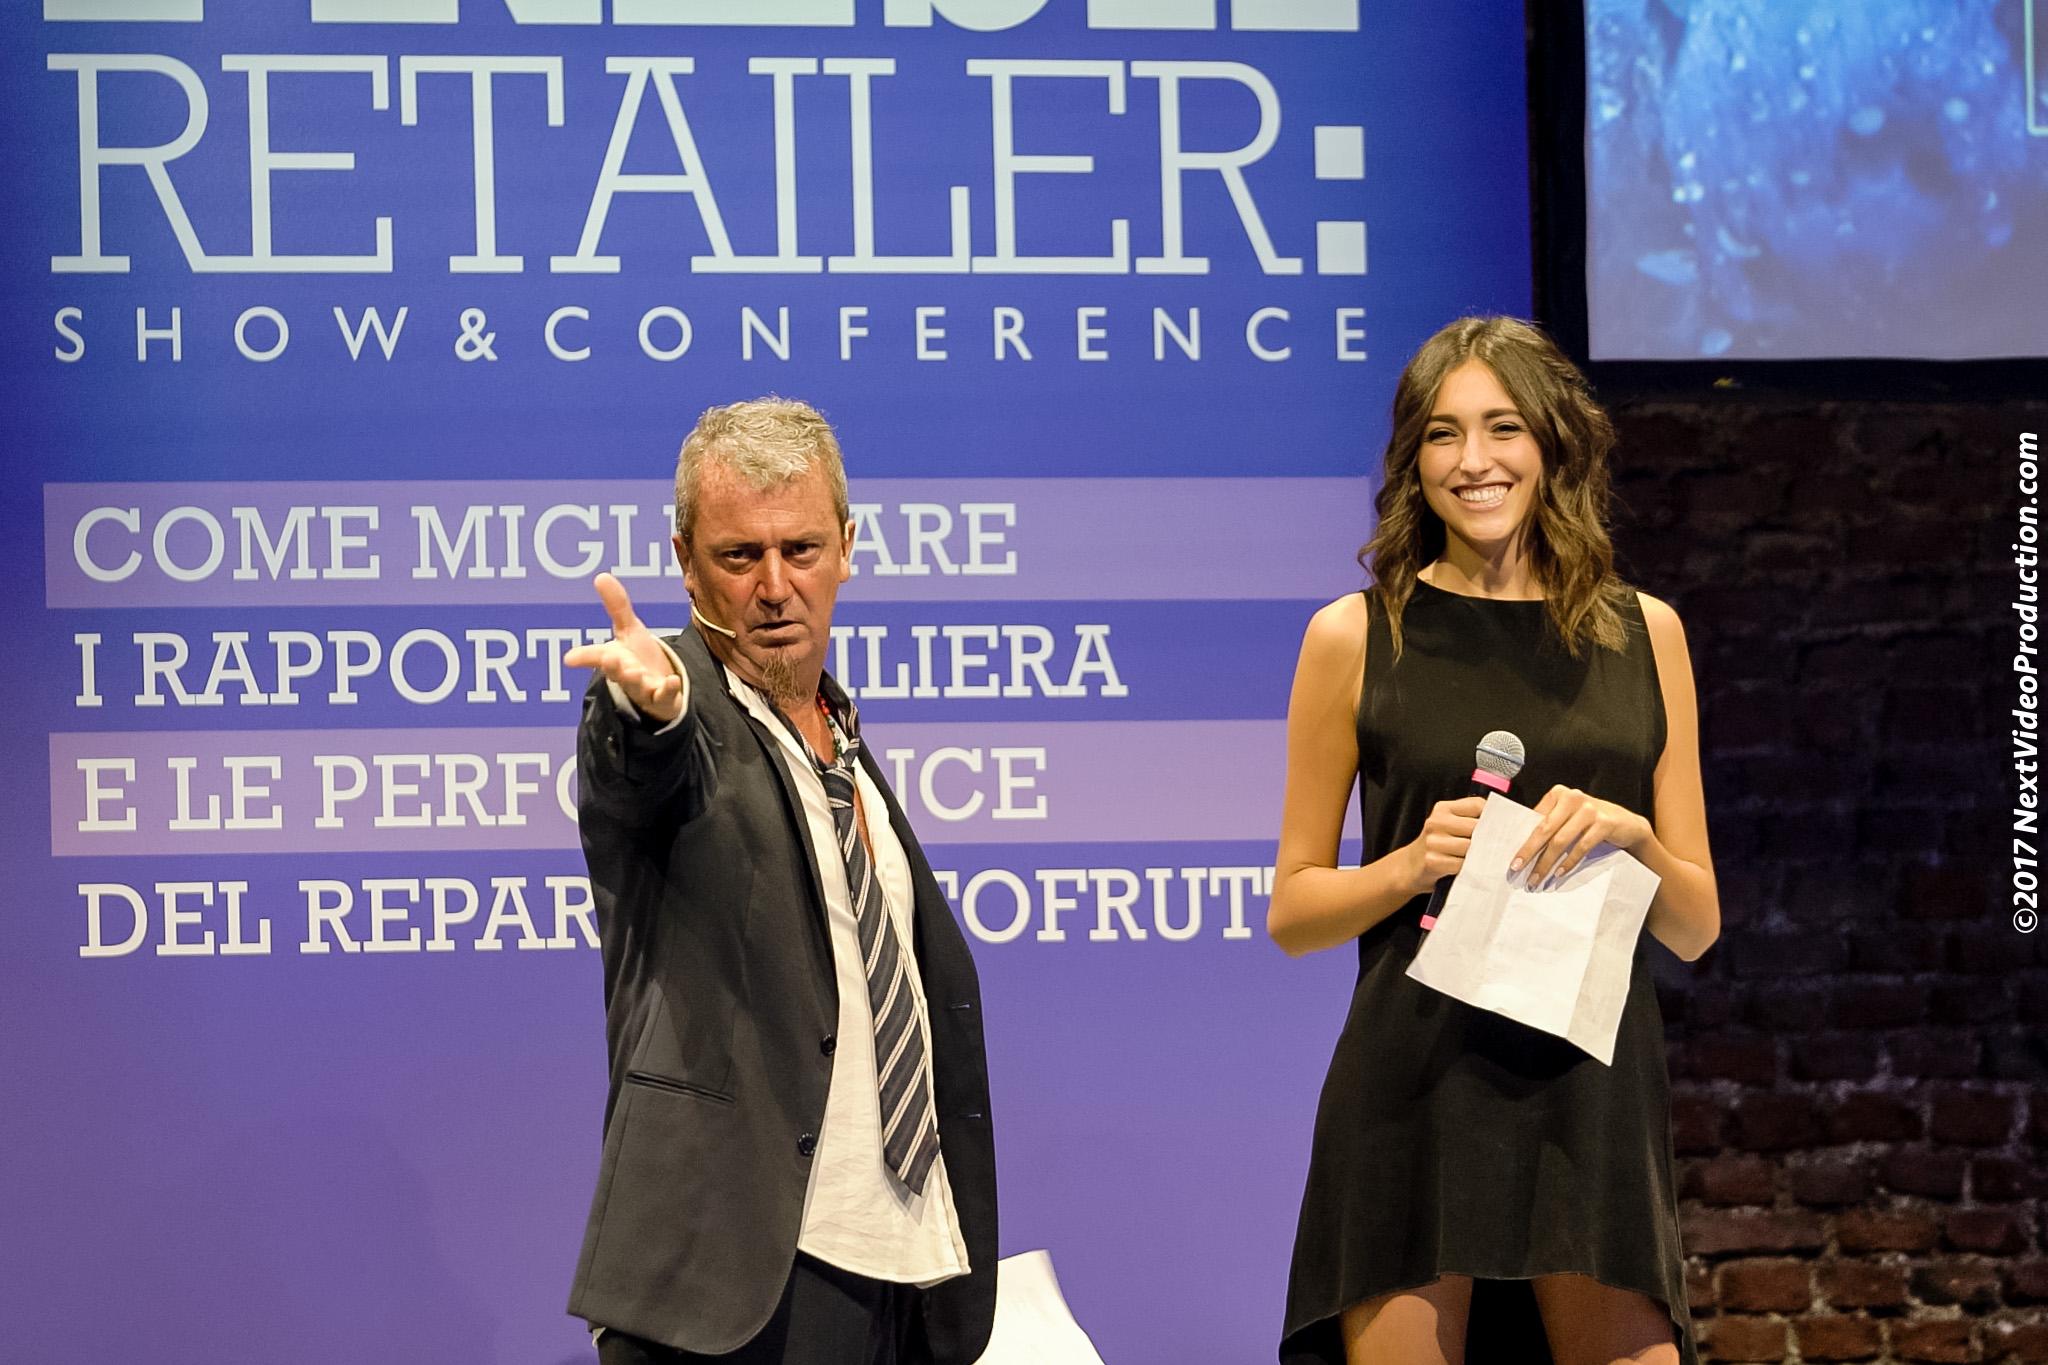 Fresh Retailer - Francesco Rizzuto